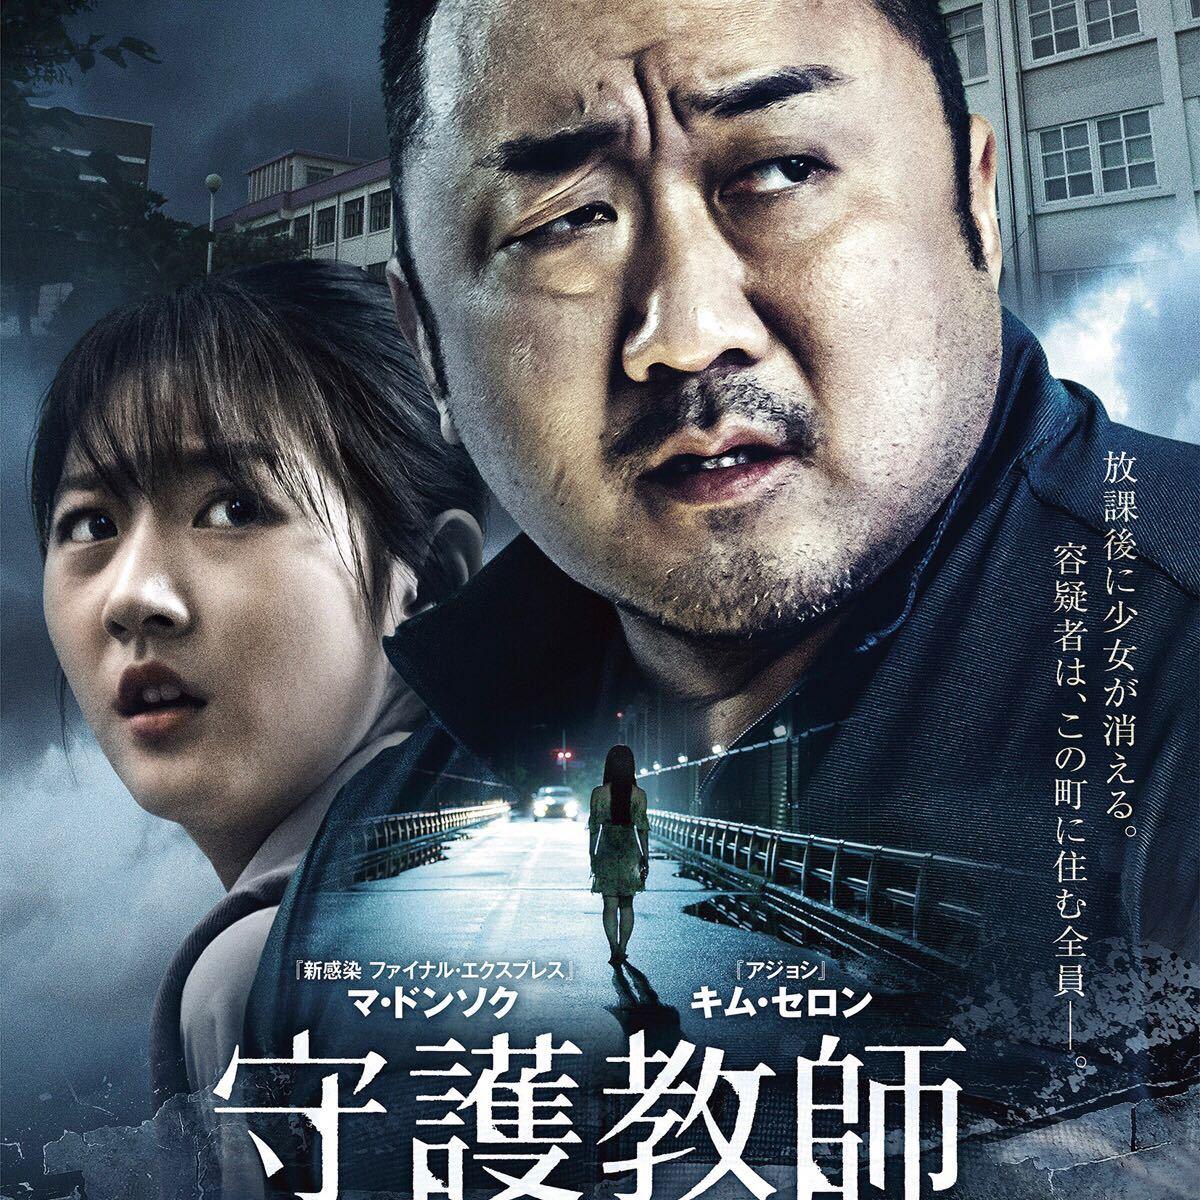 韓国映画  守護教師  マ・ドンソク  イ・サンヨプ  キム・セロン  DVD  日本語吹替有り  レーベル有り